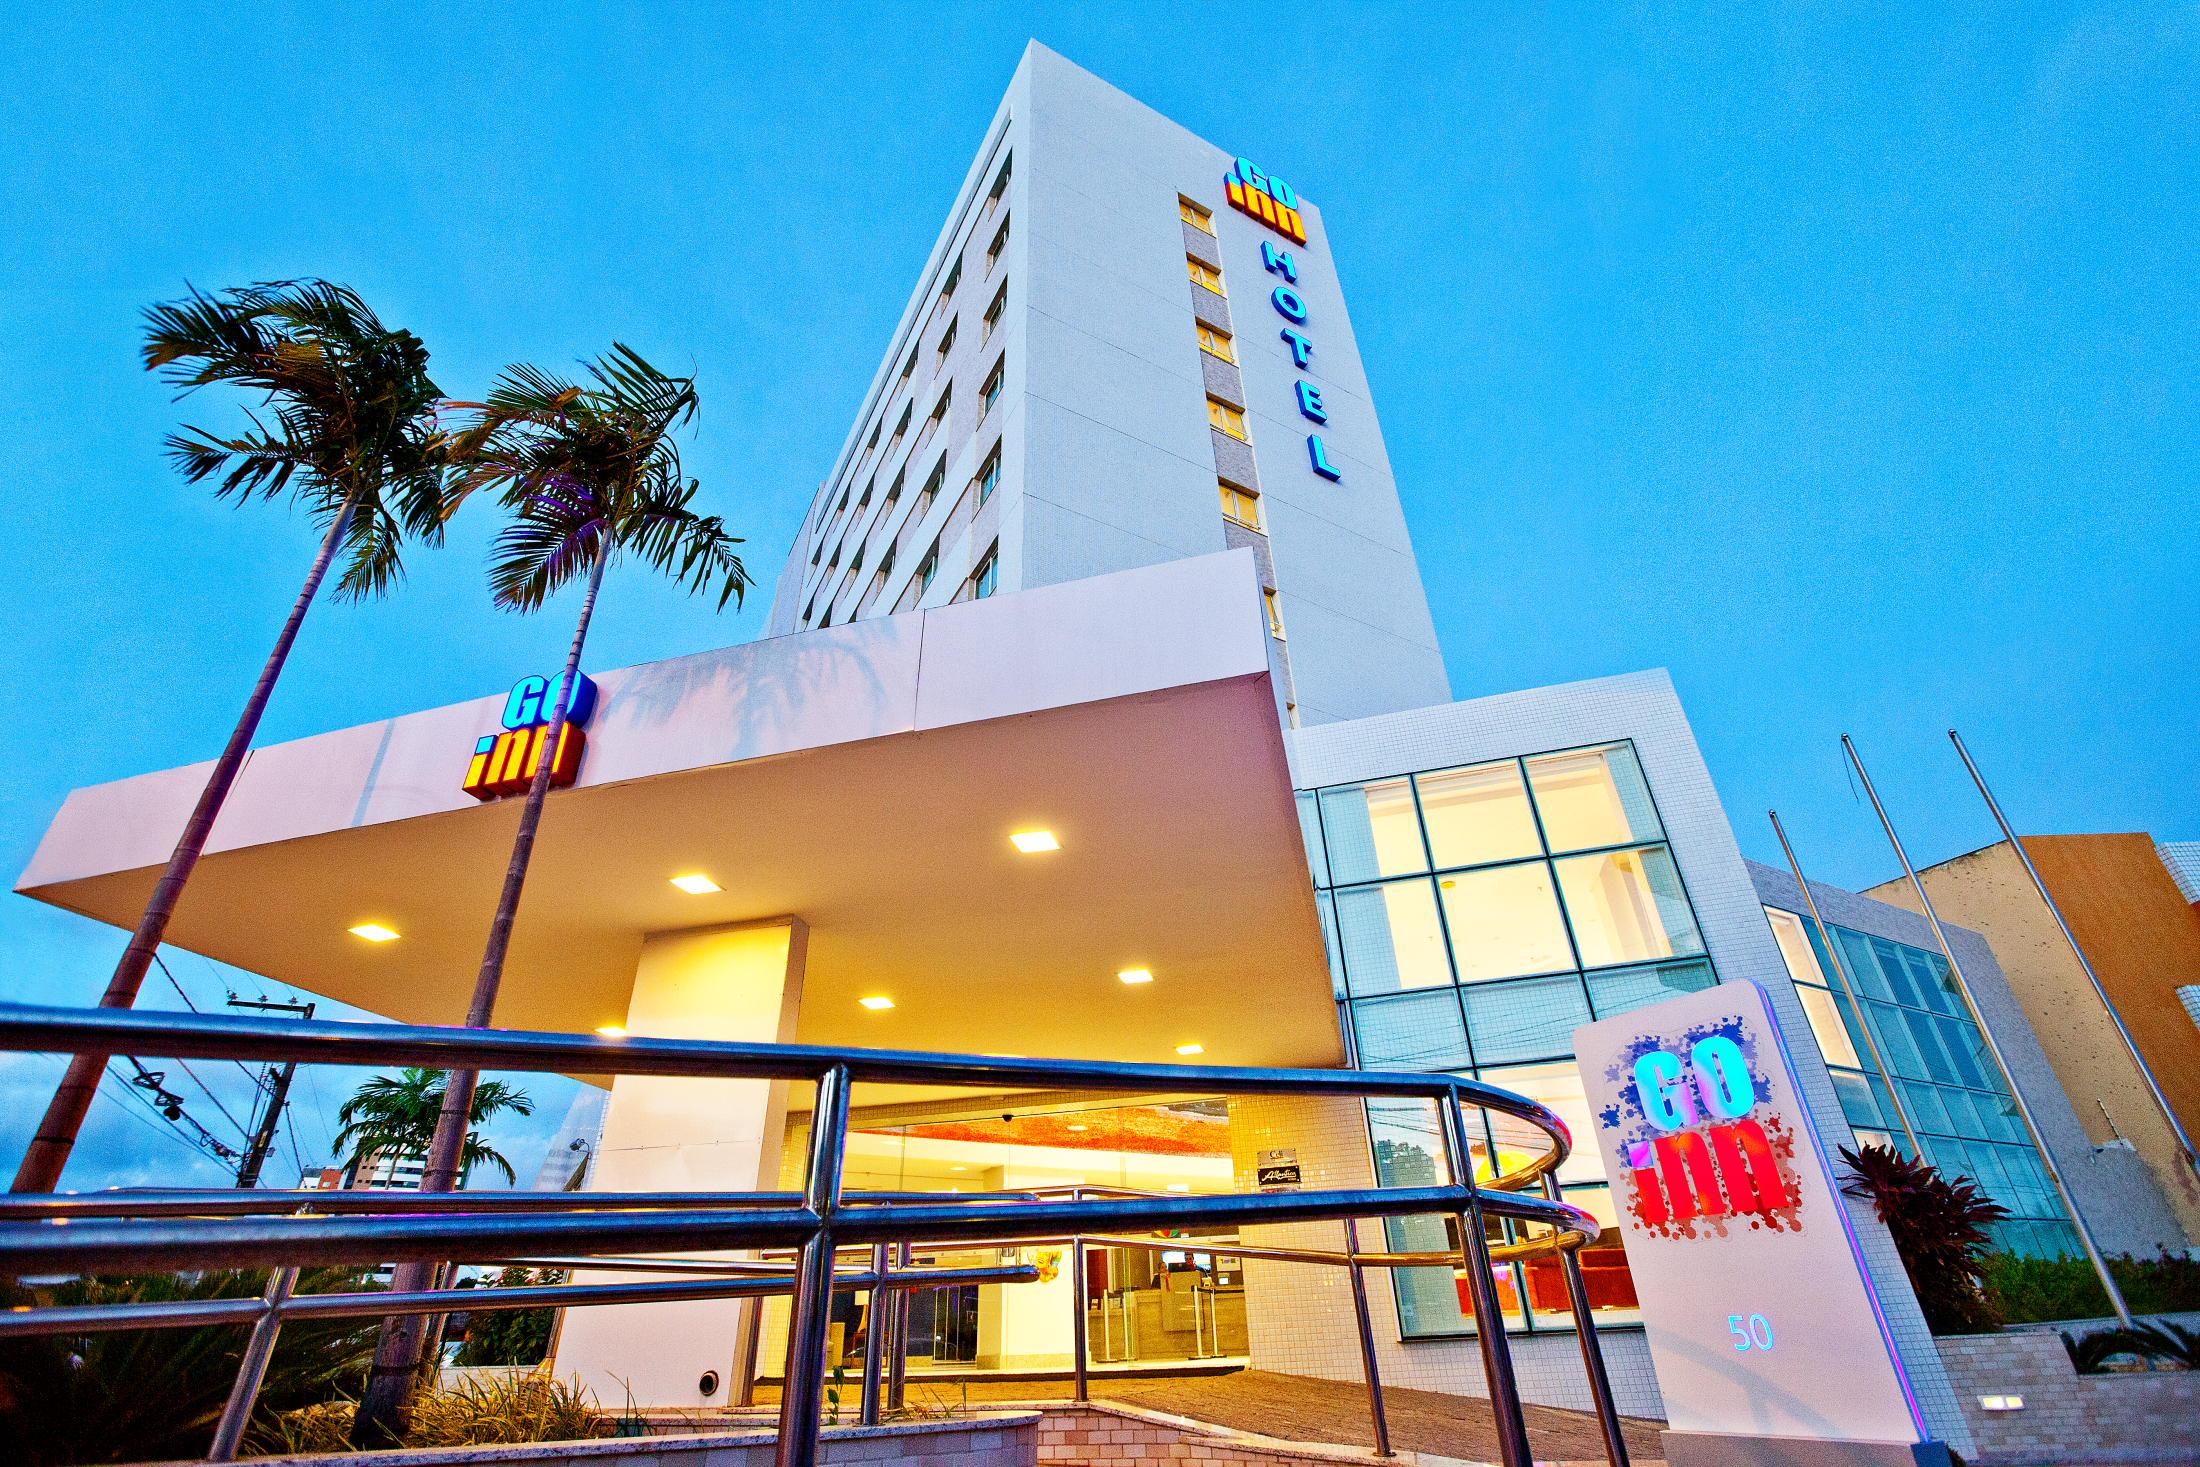 Açaí Aju, Açaí, Hotéis em Aracaju, Aracaju, fotos de Aracaju, Lugar Perfeito, fotos Márcio Dantas, Segipe, Descubra Sergipe